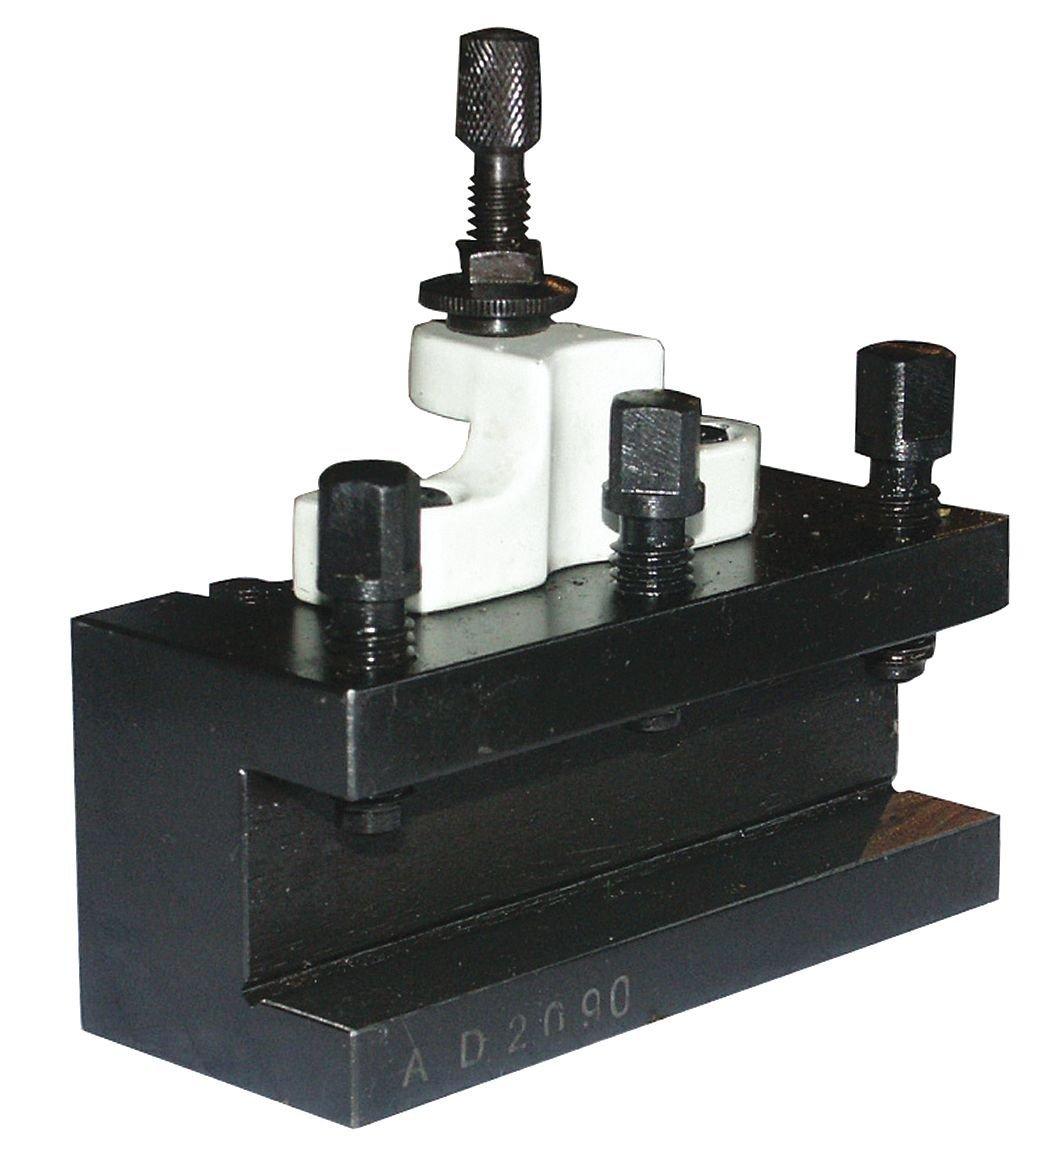 Optimum - Porta-ú til de recambio 32 x 150 Tipo D para cuchilla cuadrada 3384308